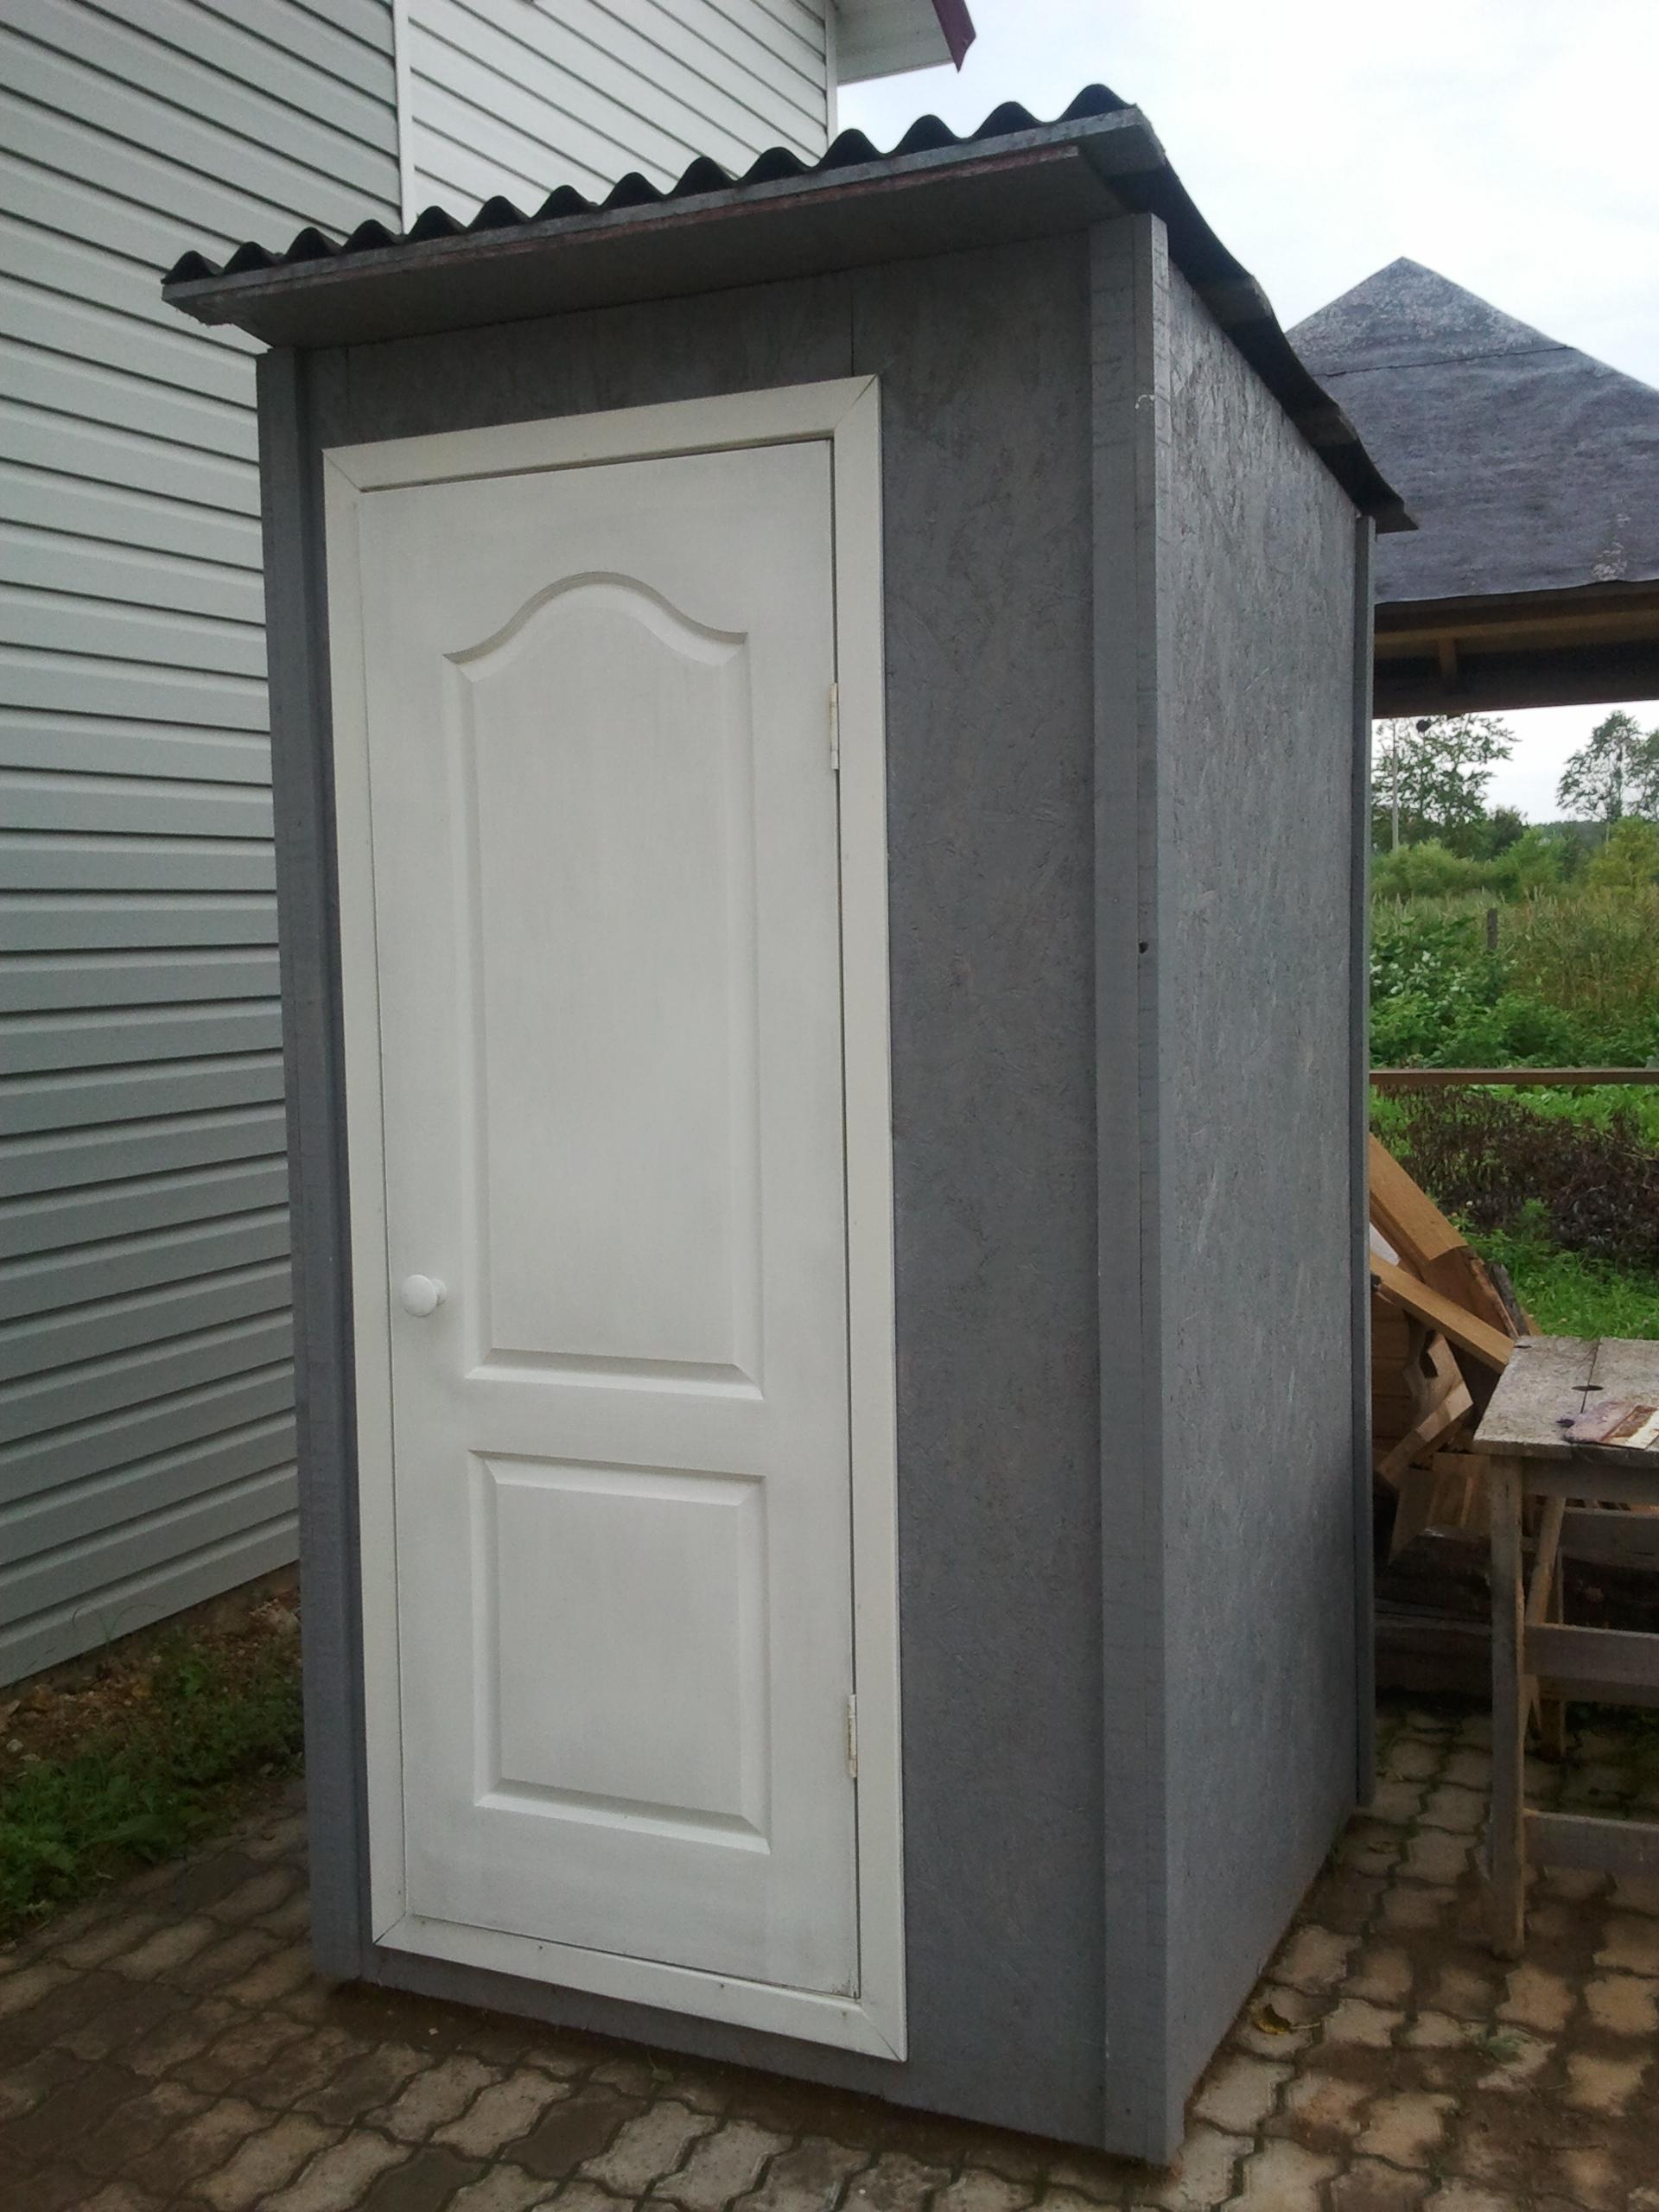 dver-v-ulichnyy-tualet-mozhno-kupit-gotovuyu